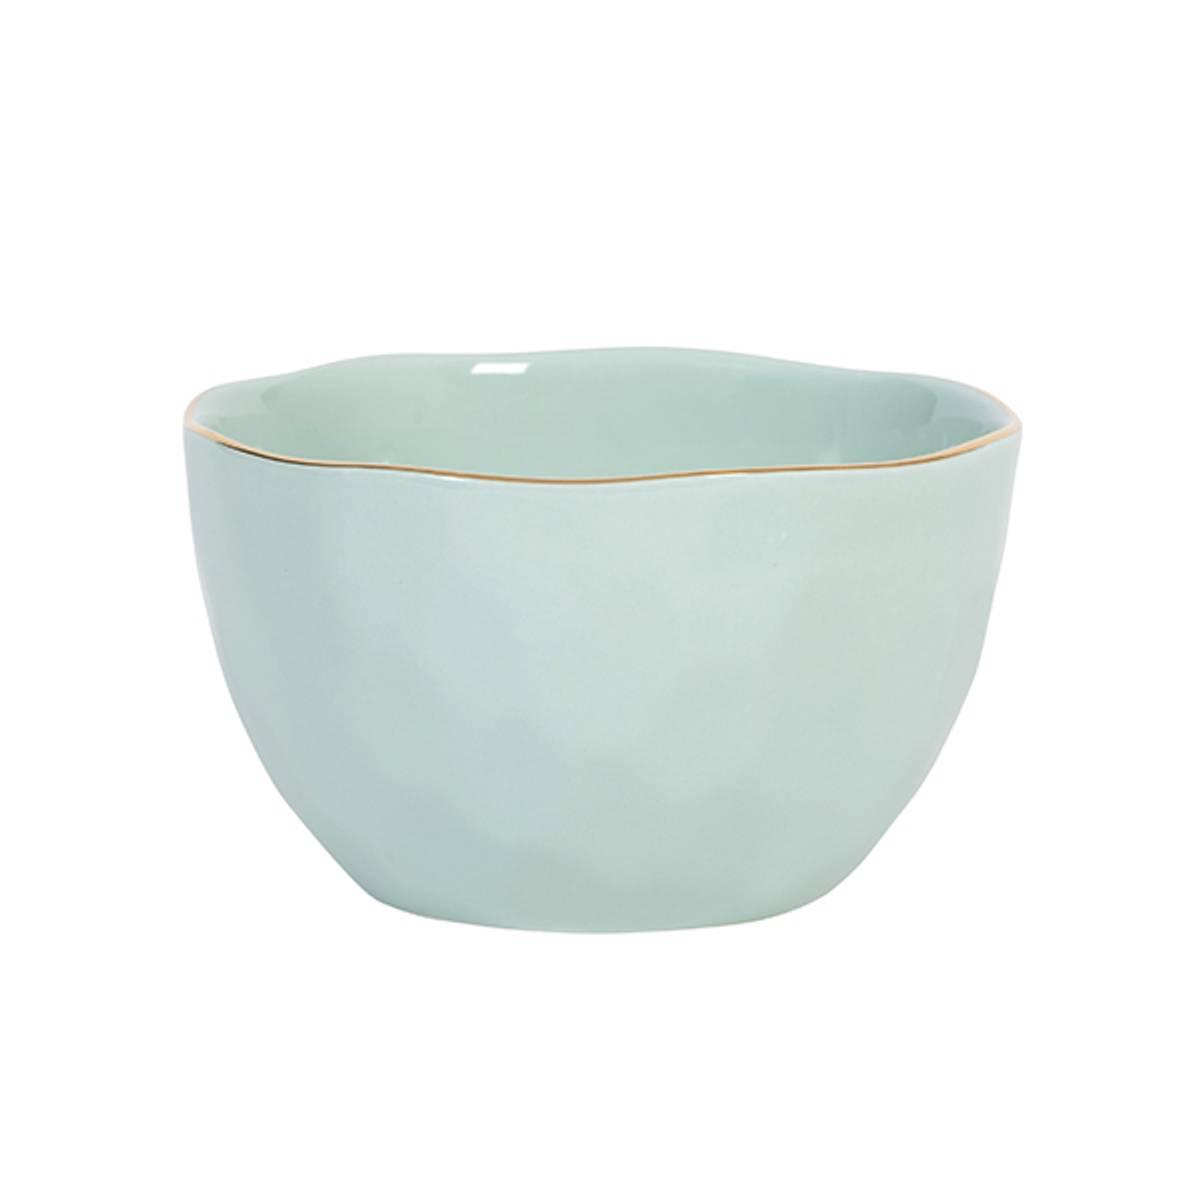 UNC Good Morning Bowl Celadon